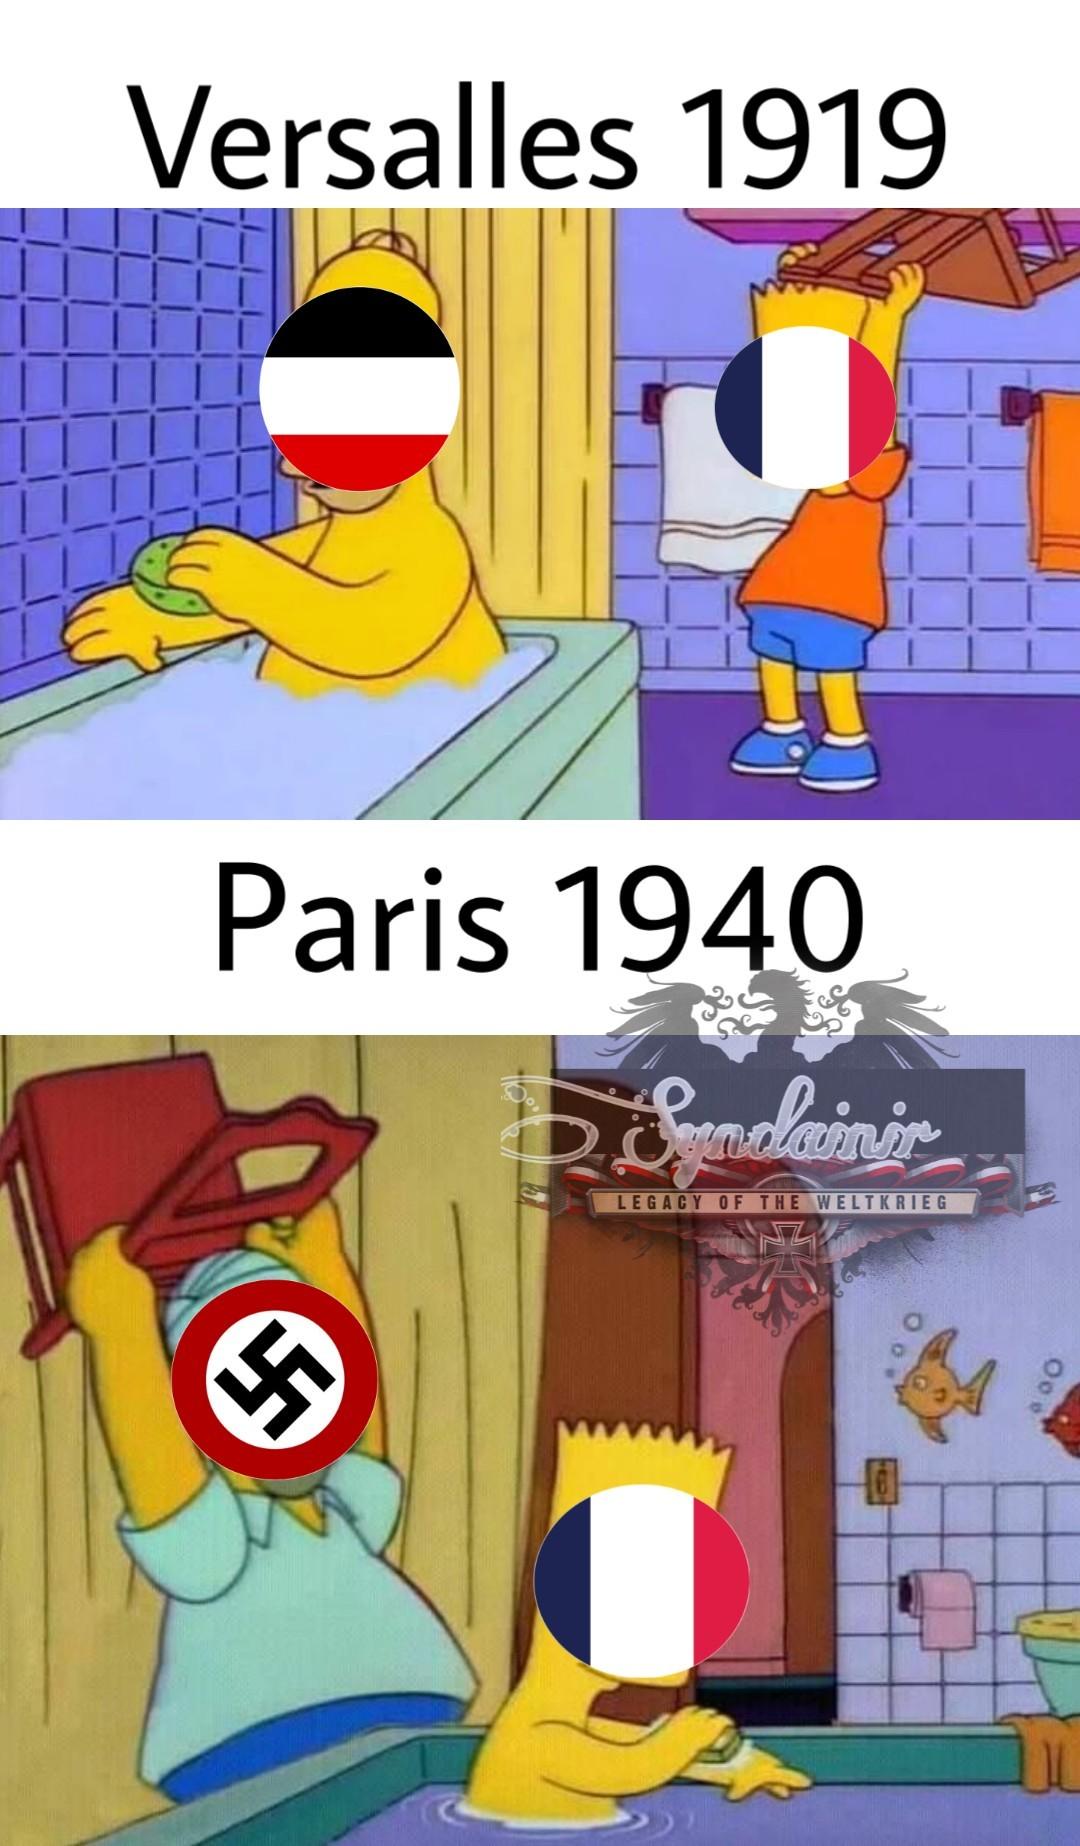 Que hermosos tiempos de dominación en Vichy. - meme